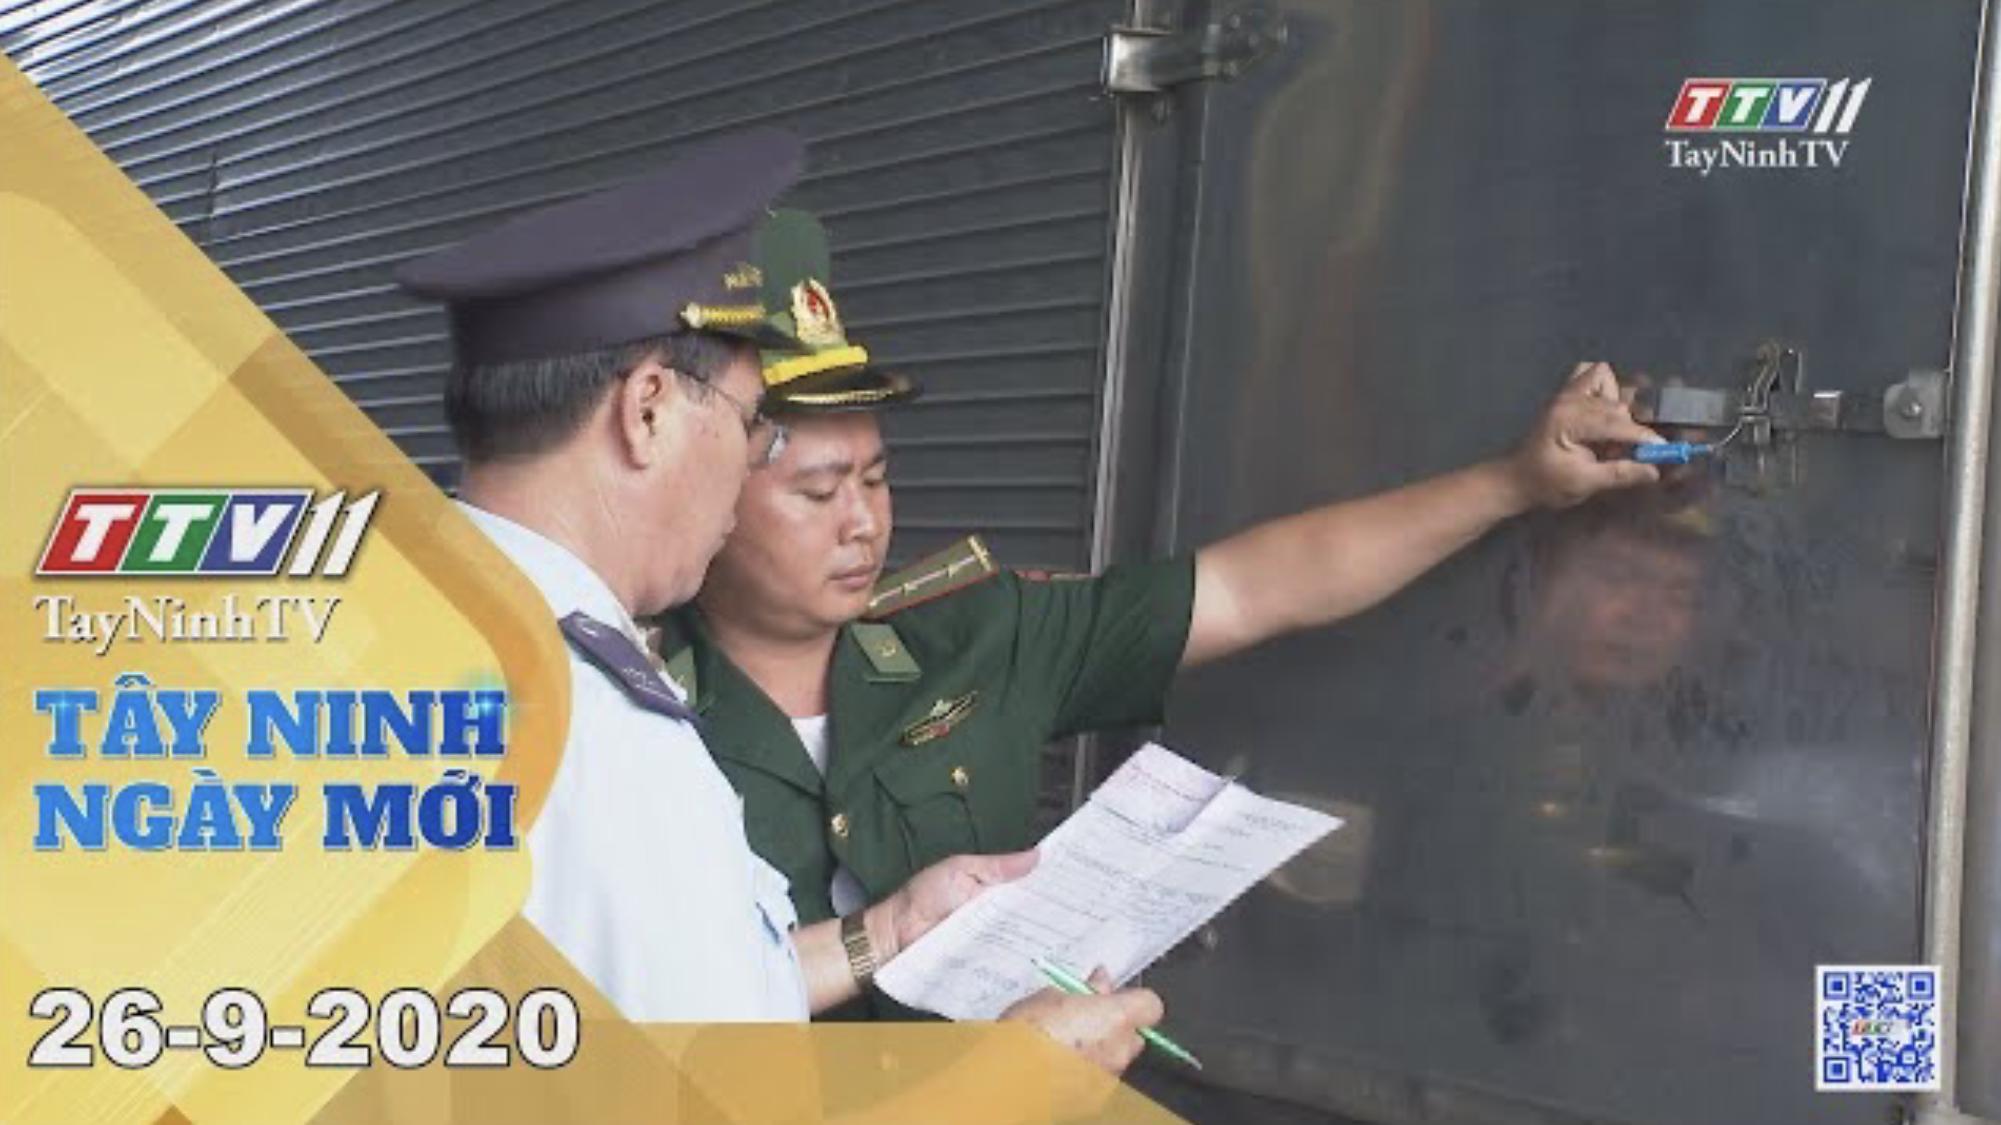 Tây Ninh Ngày Mới 26-9-2020 | Tin tức hôm nay | TayNinhTV